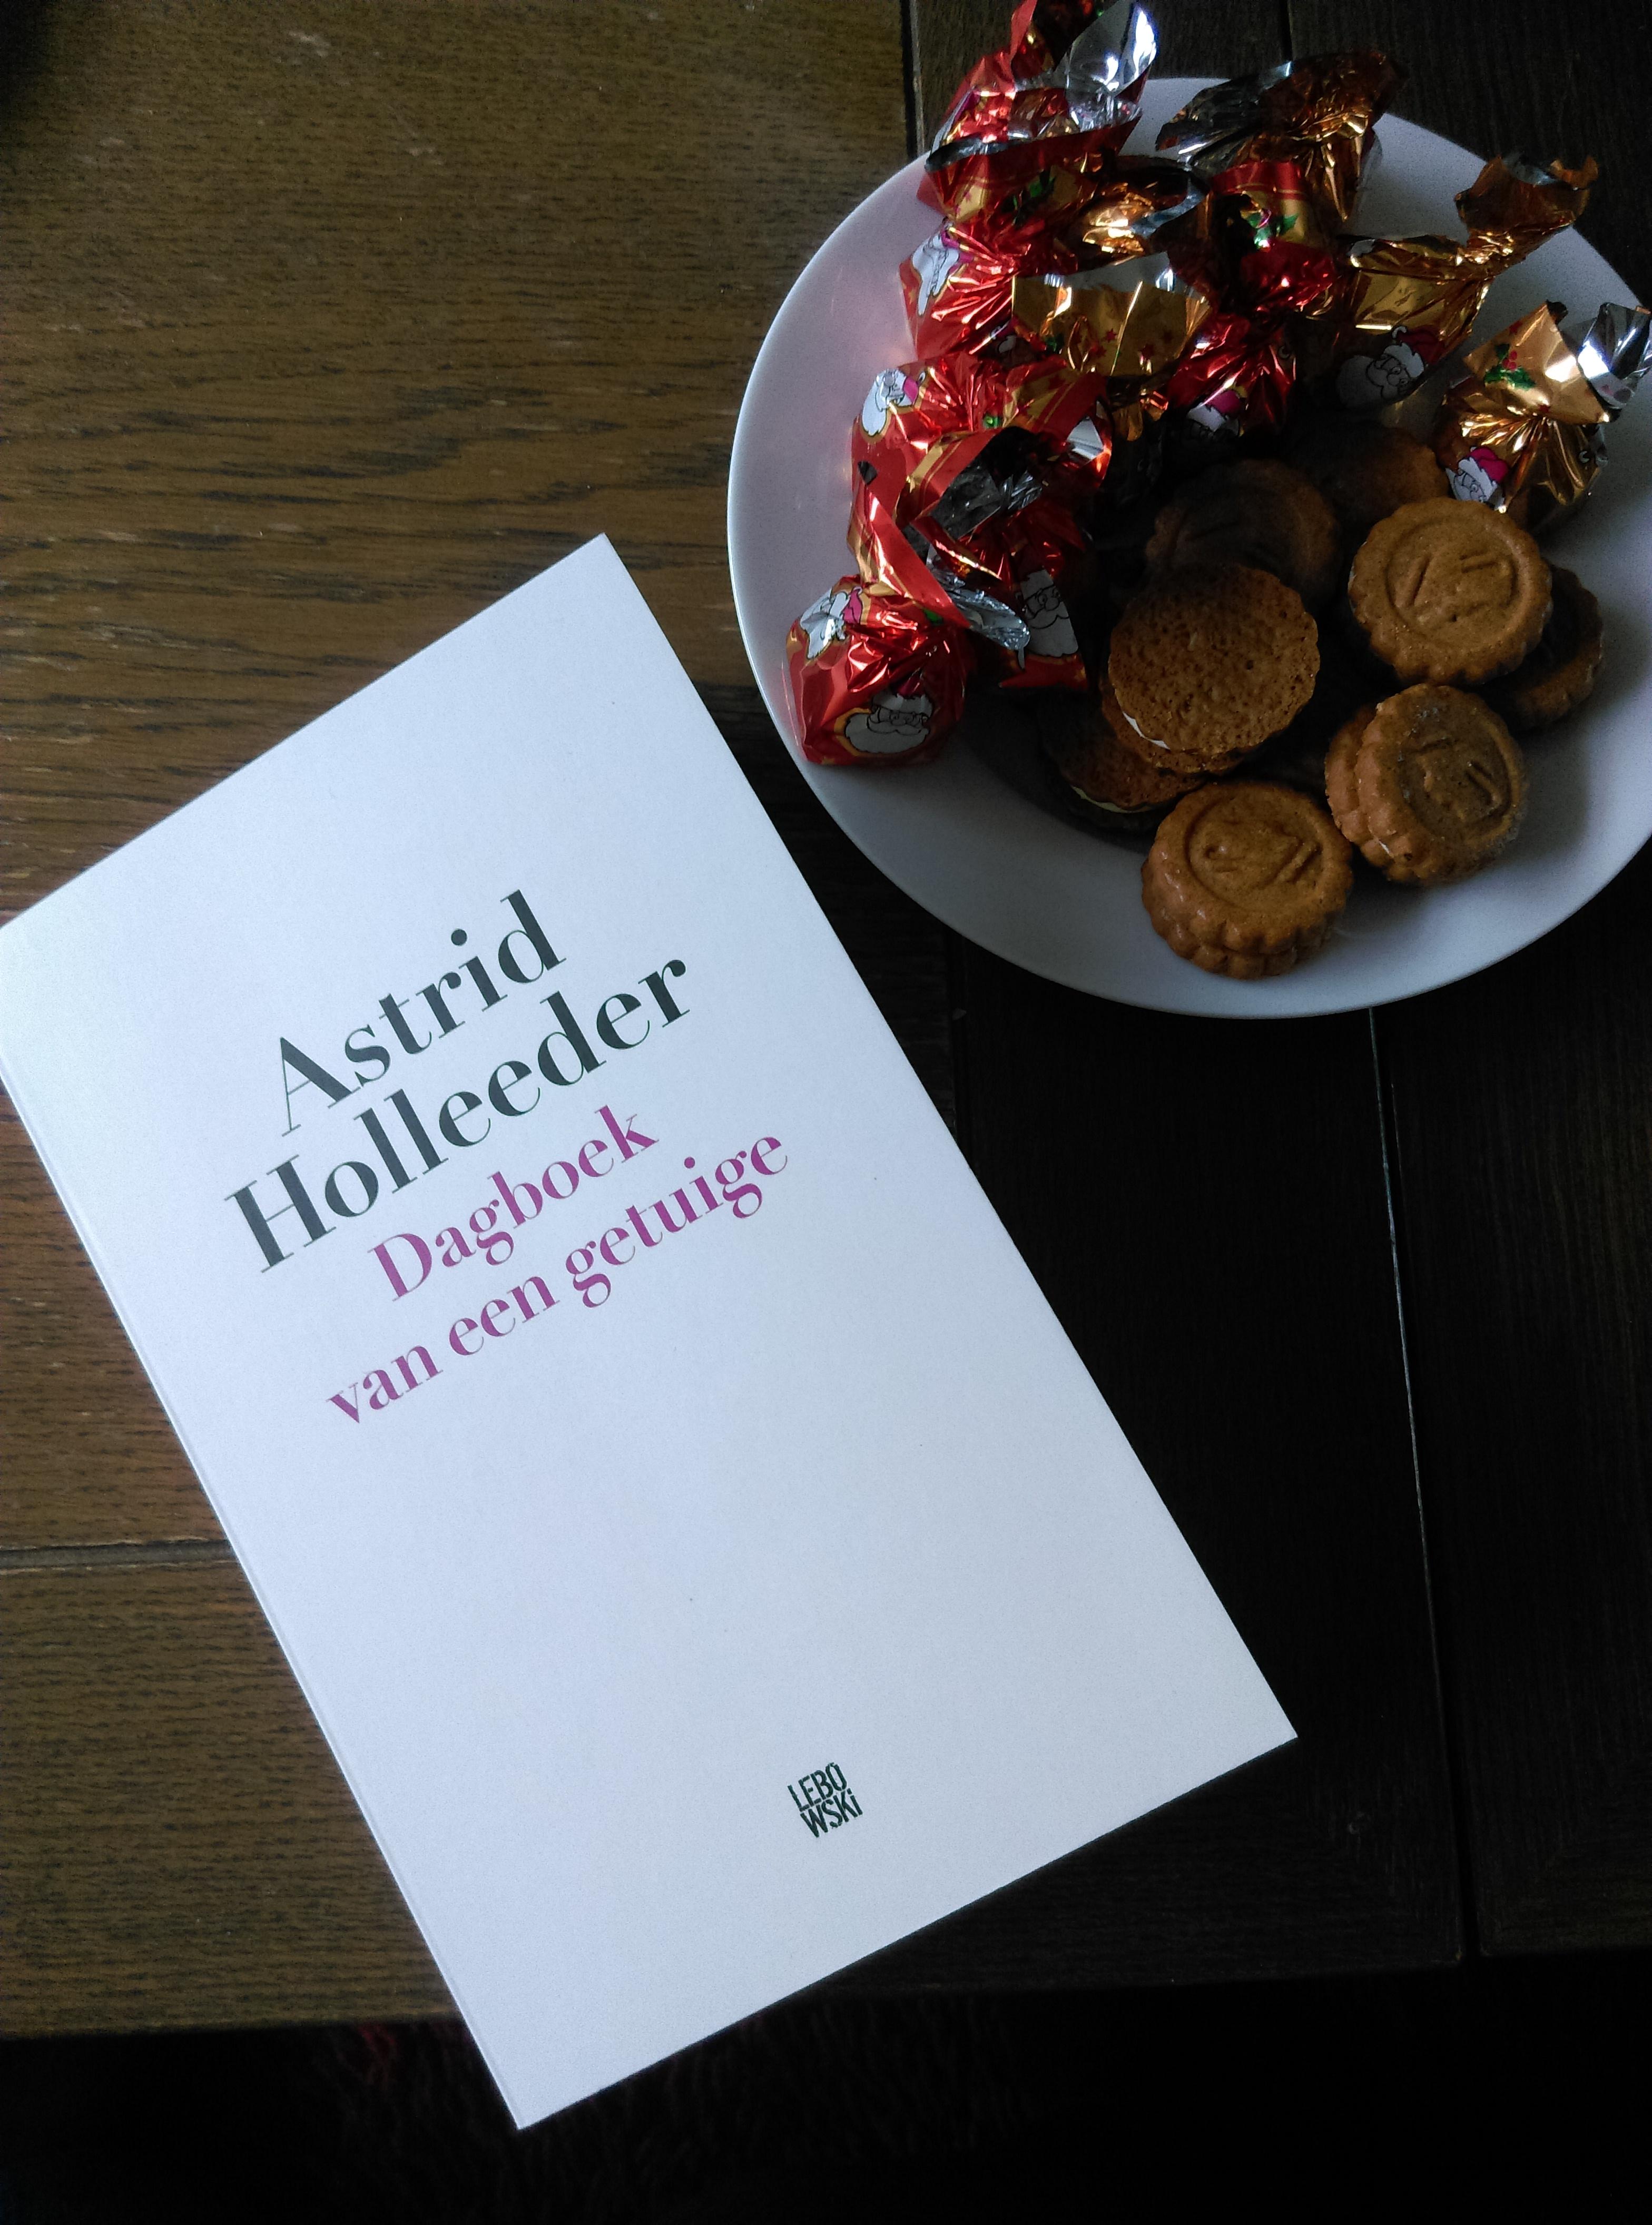 Dagboek van een getuige Astrid Holleeder